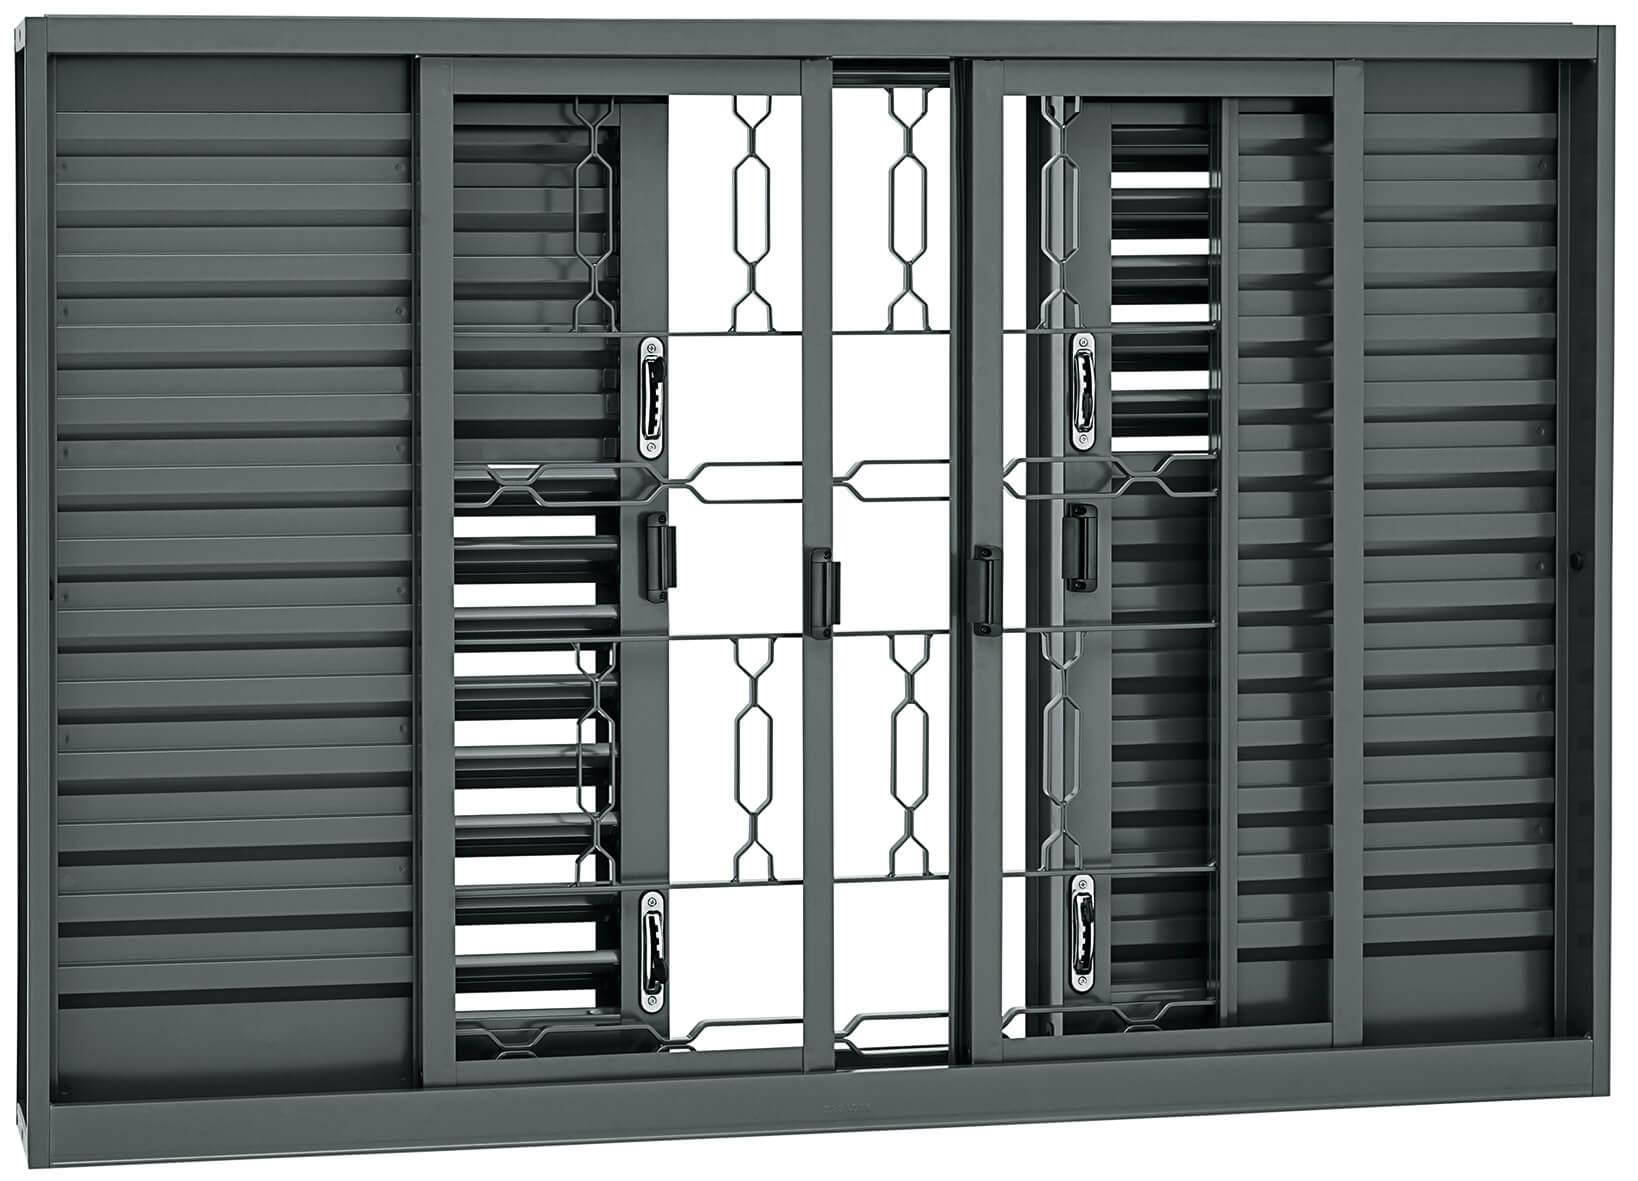 Silenfort Veneziana Multiflex - 1.20x1.50x0.16 Sasazaki Ref. 61.21.127-6